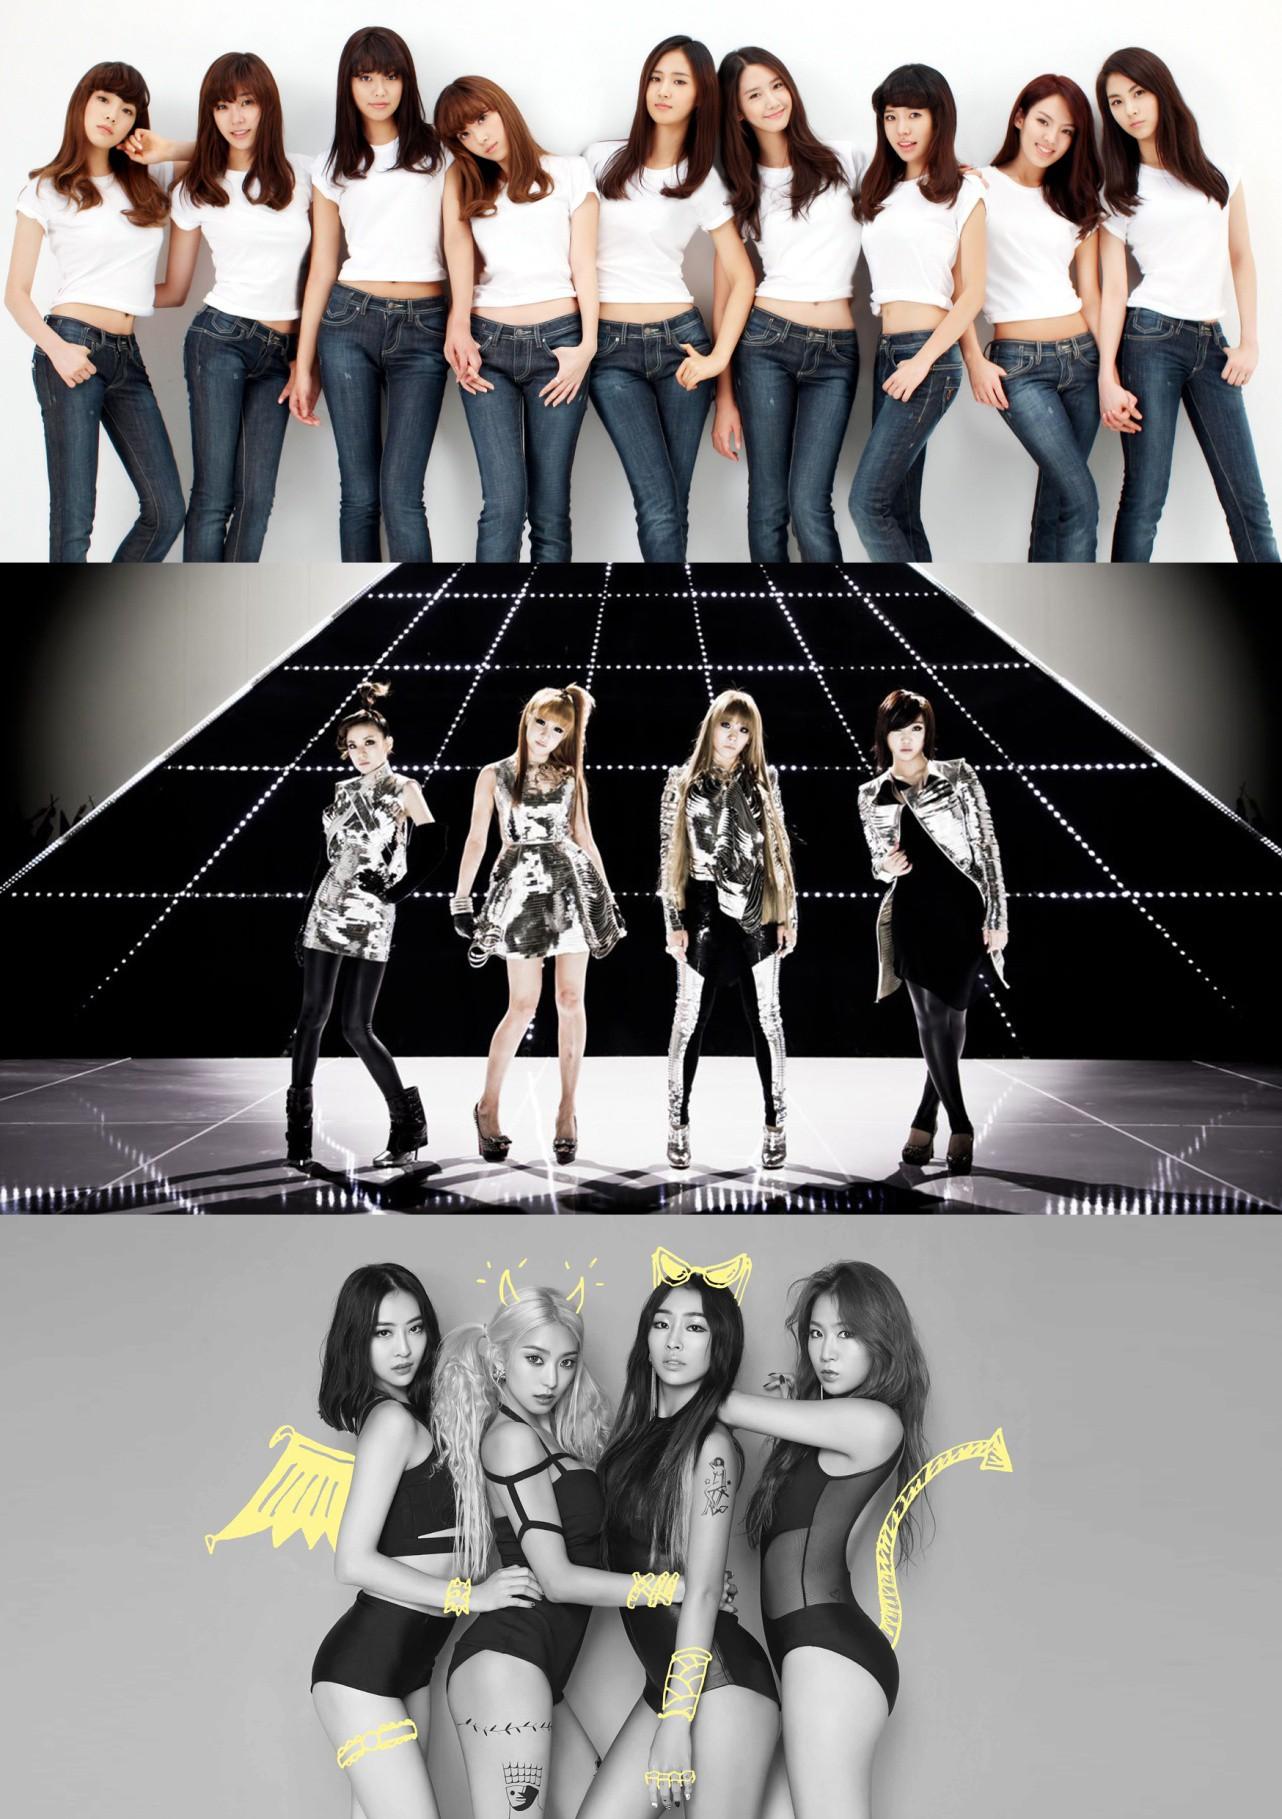 Trong suốt hai thế hệ nhóm nhạc nữ Kpop, chỉ có ca khúc này xứng đáng là đáp án hoàn hảo cho bài toán chuyển mình - Ảnh 1.